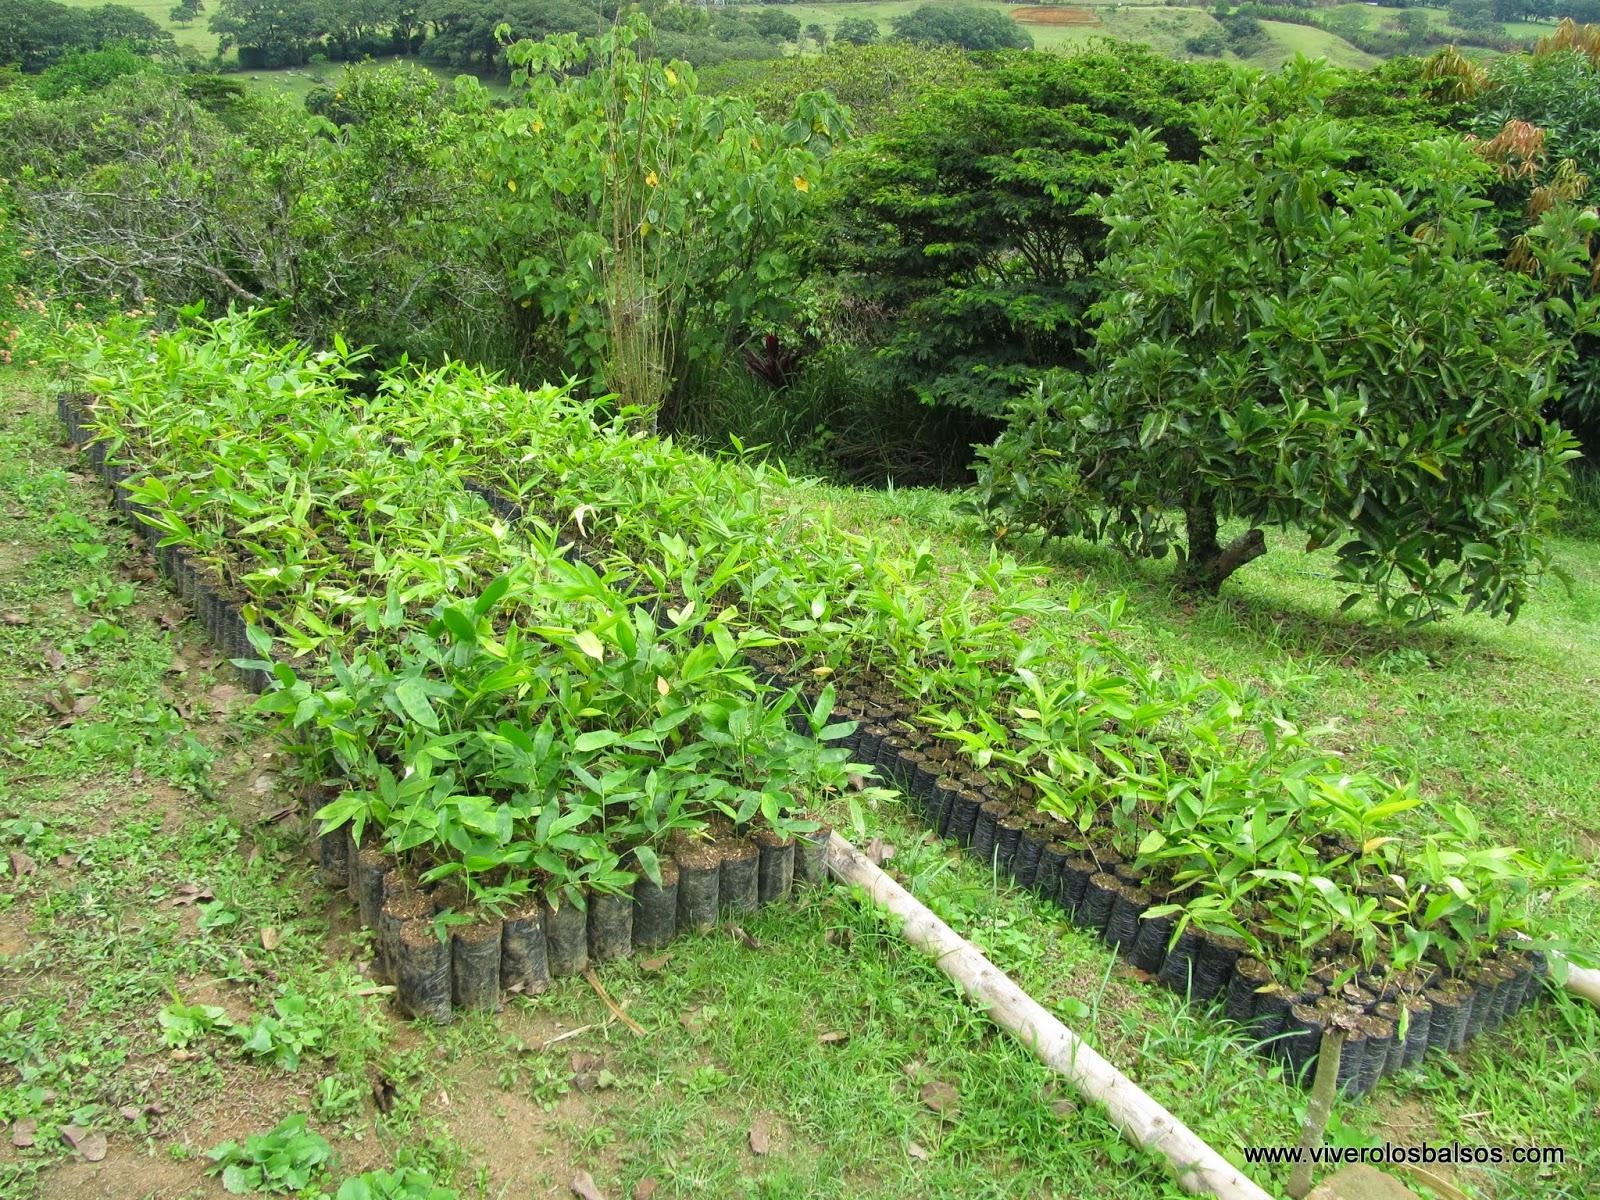 Vivero los balsos venta de semilla o plantulas de guadua for Viveros medellin